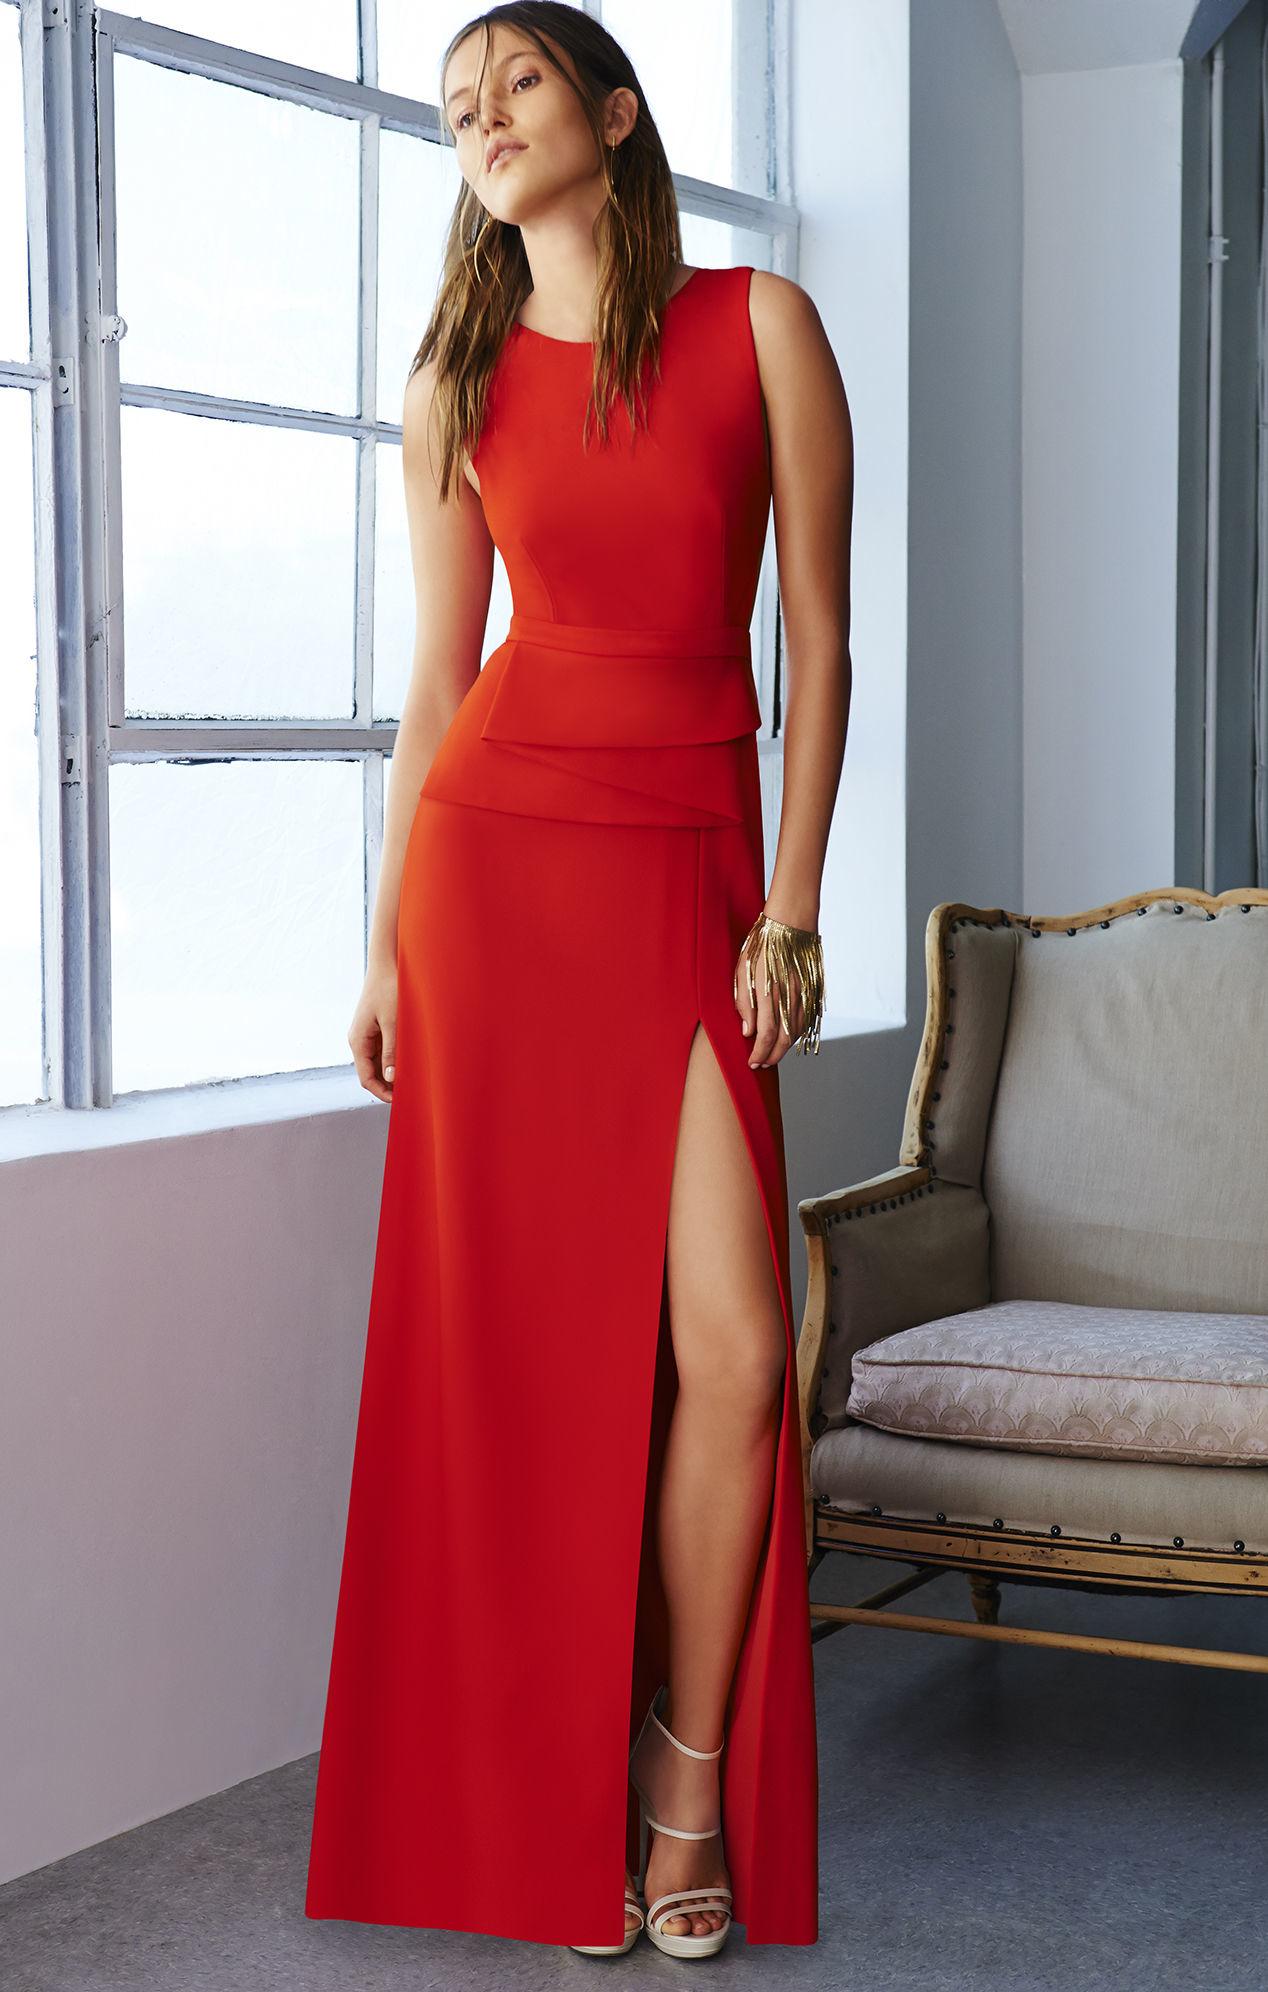 Lyst - Bcbgmaxazria Kiara Sleeveless Peplum Gown in Red